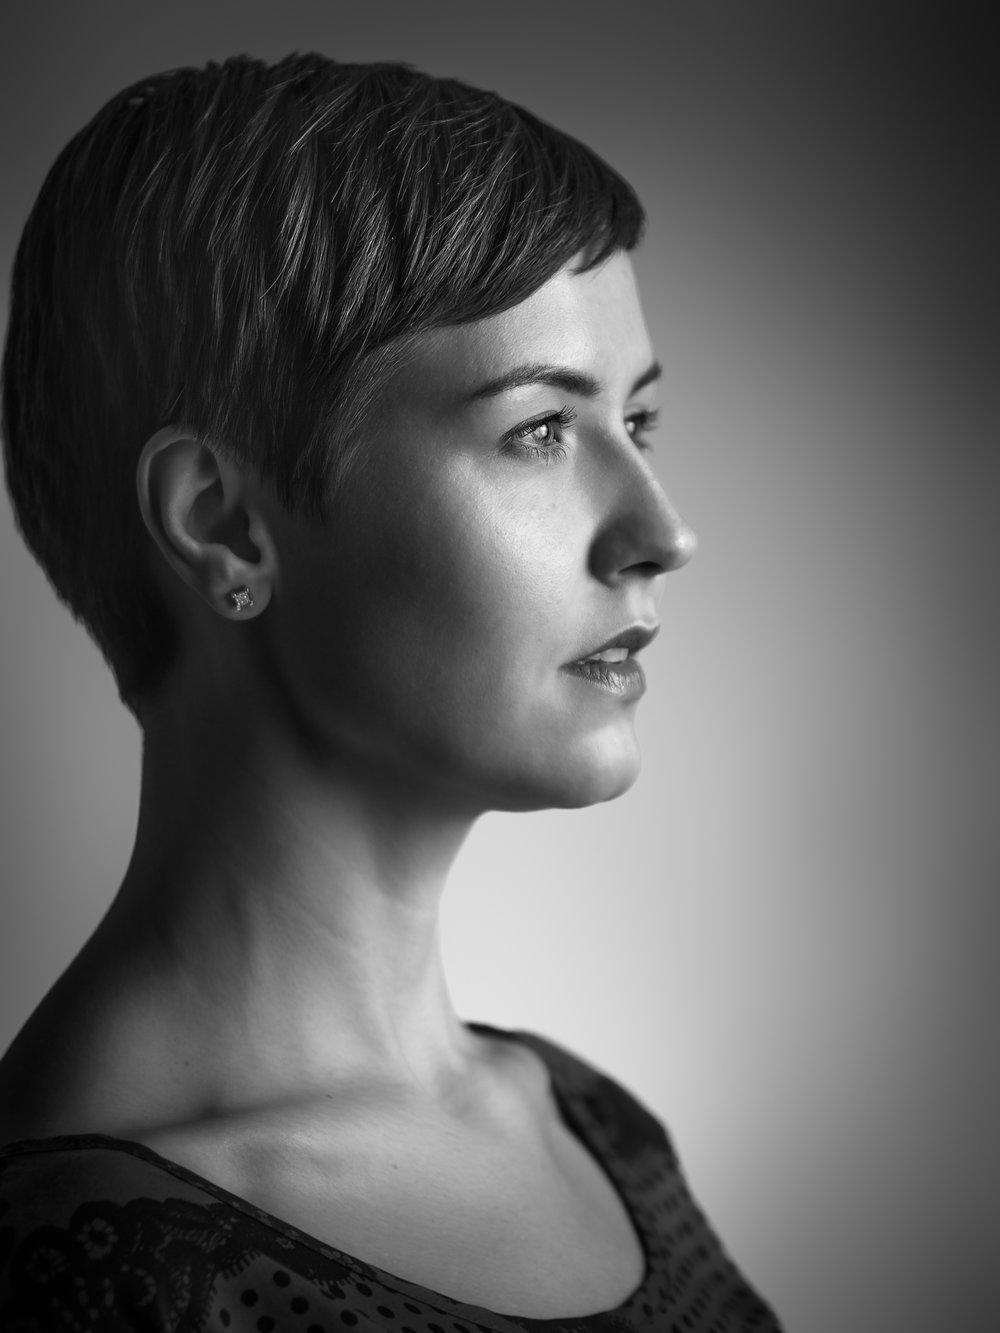 Portrait photography fotografi